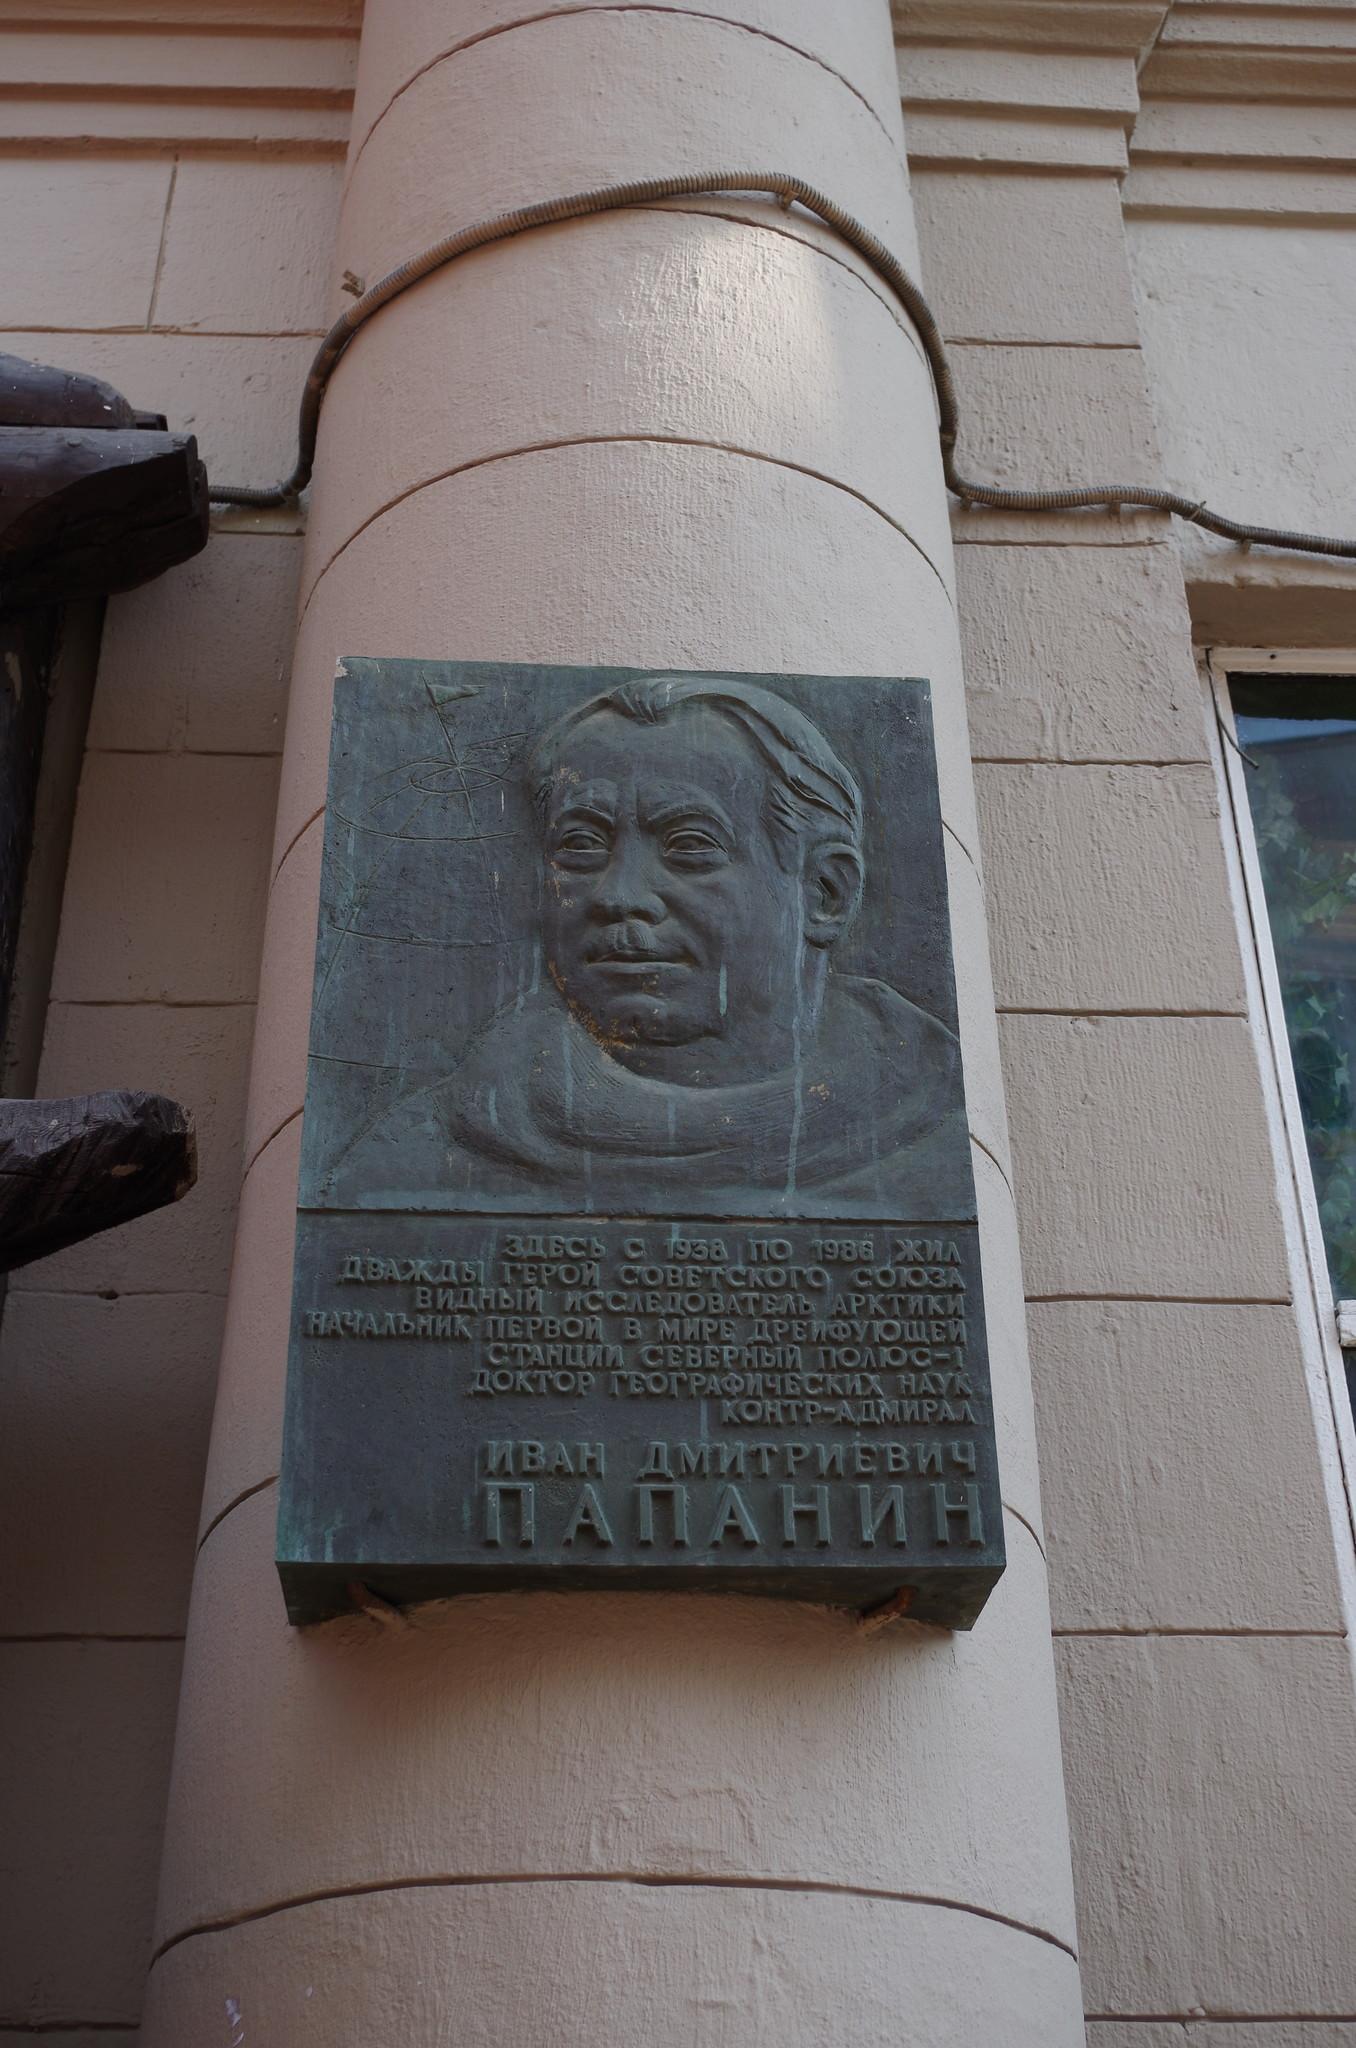 Иван Дмитриевич Папанин жил в этом доме с 1938 по 1986 годы. Москва, Арбат 45